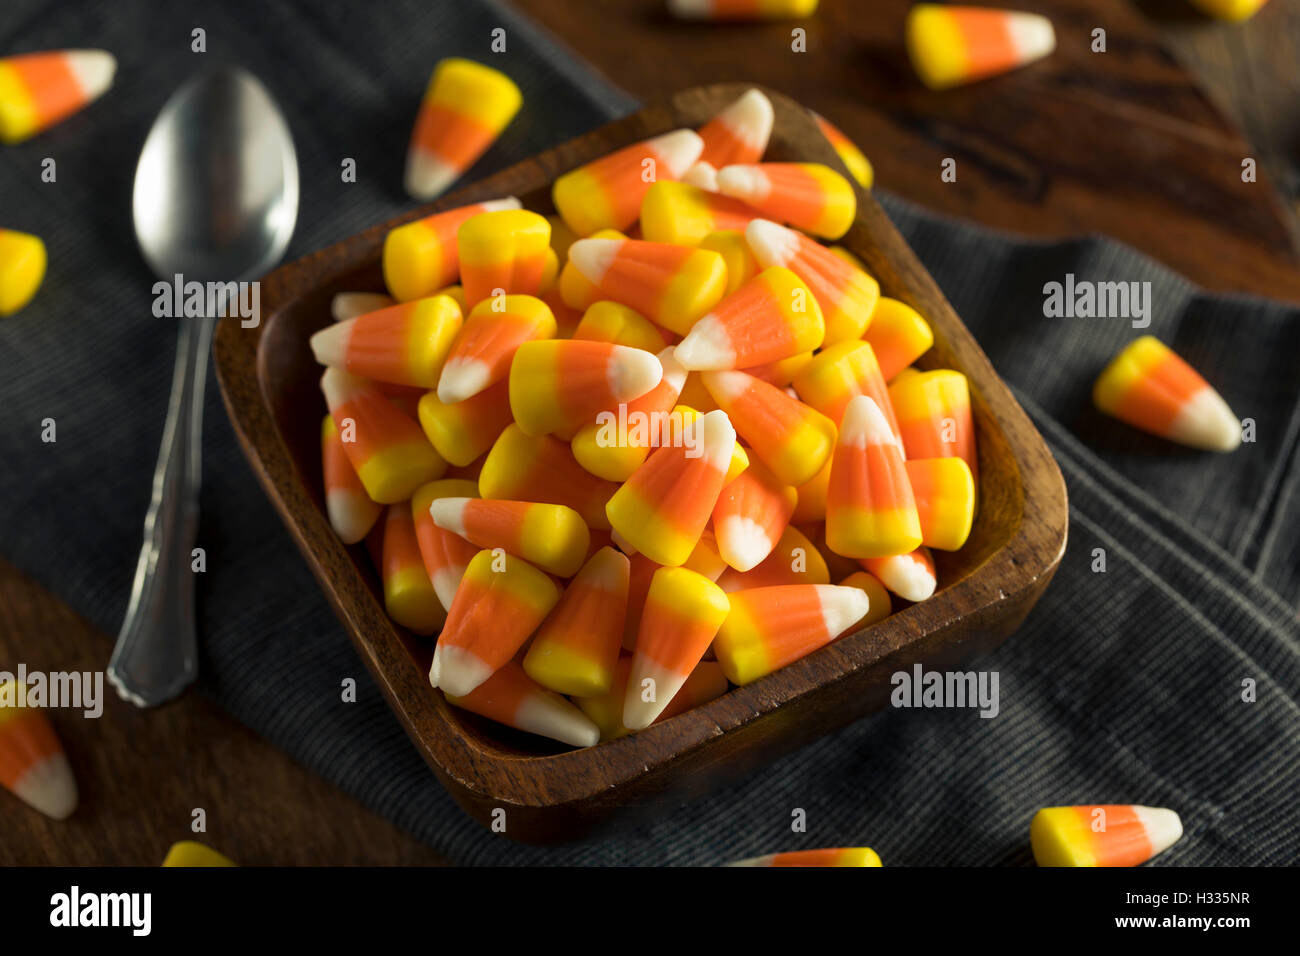 Groß Süßigkeiten Ideen Für Halloween Ideen - Malvorlagen Von Tieren ...